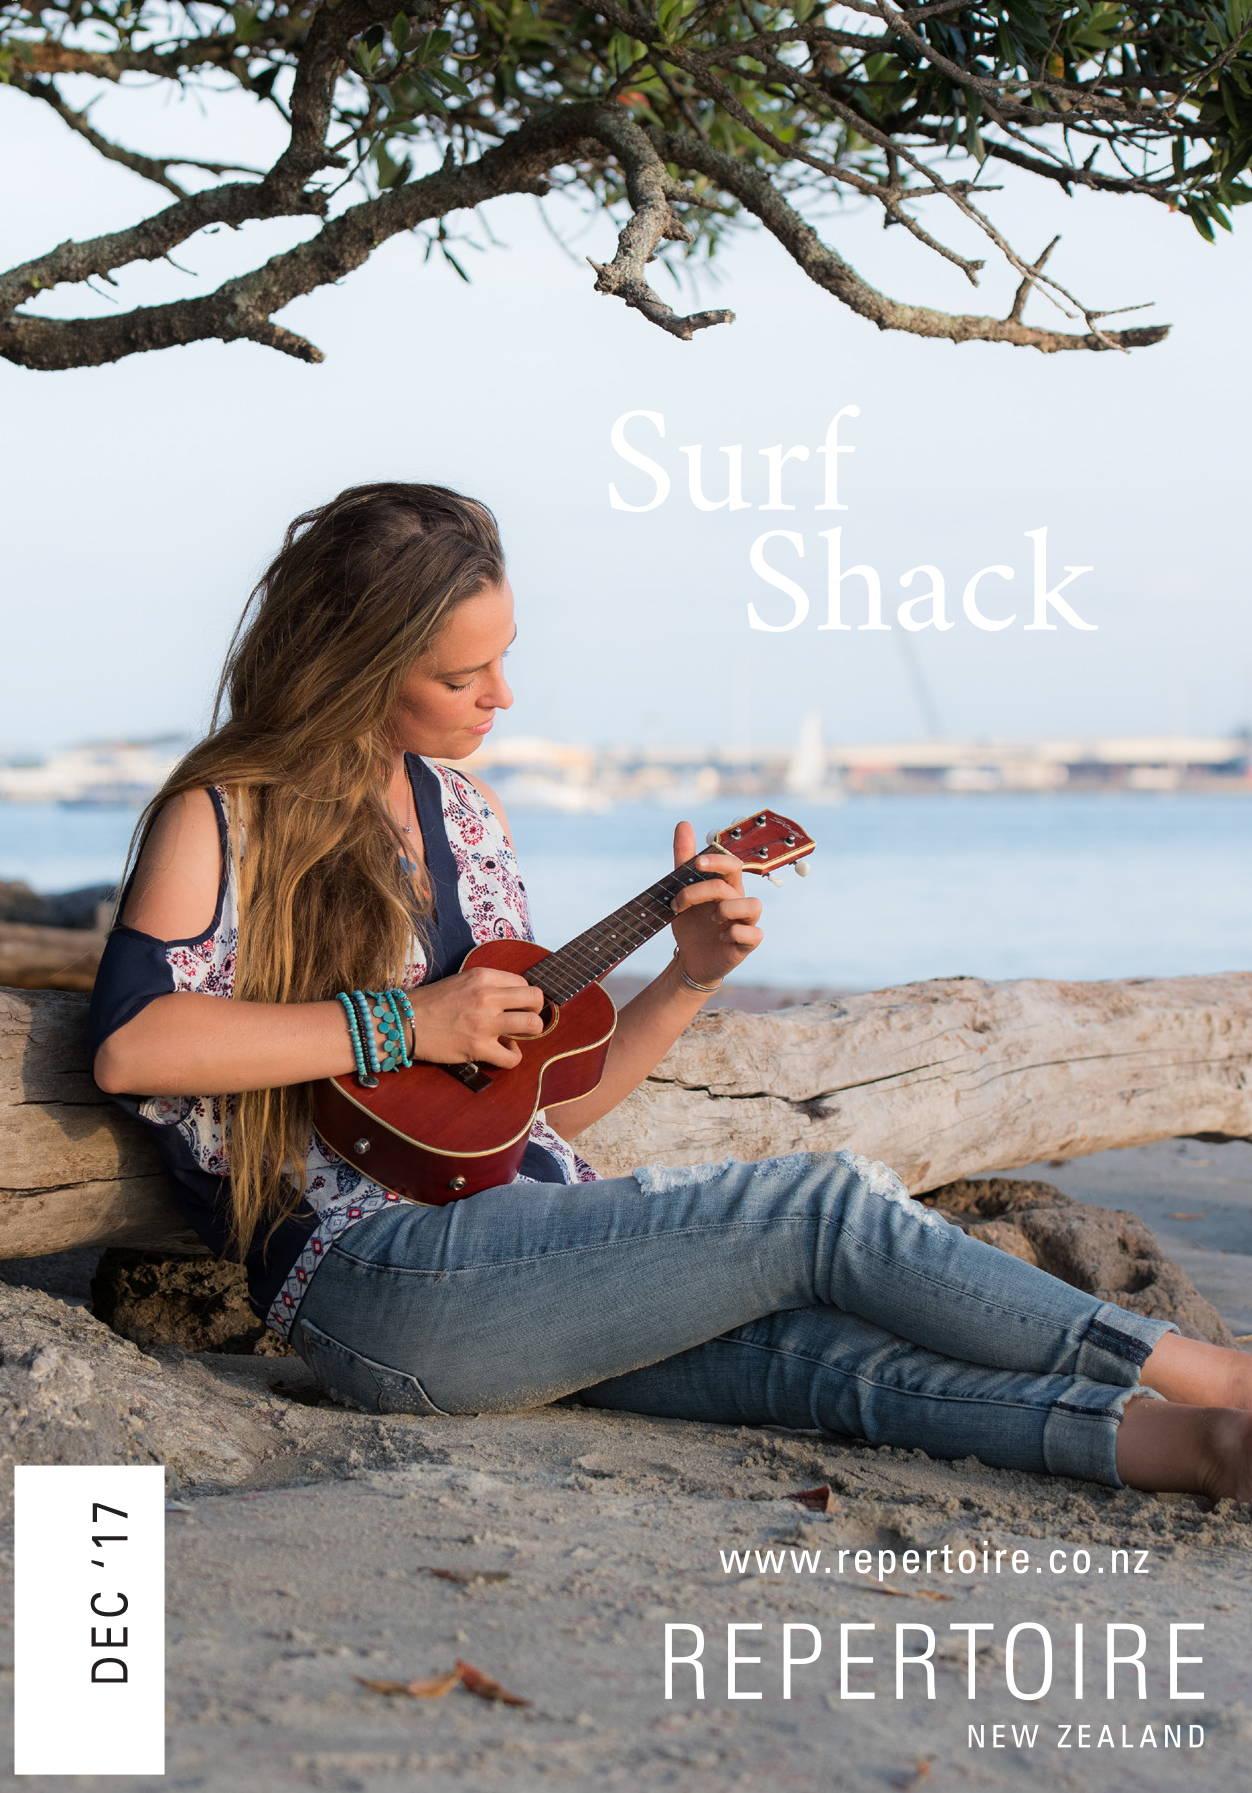 Surf Shack Lookbook